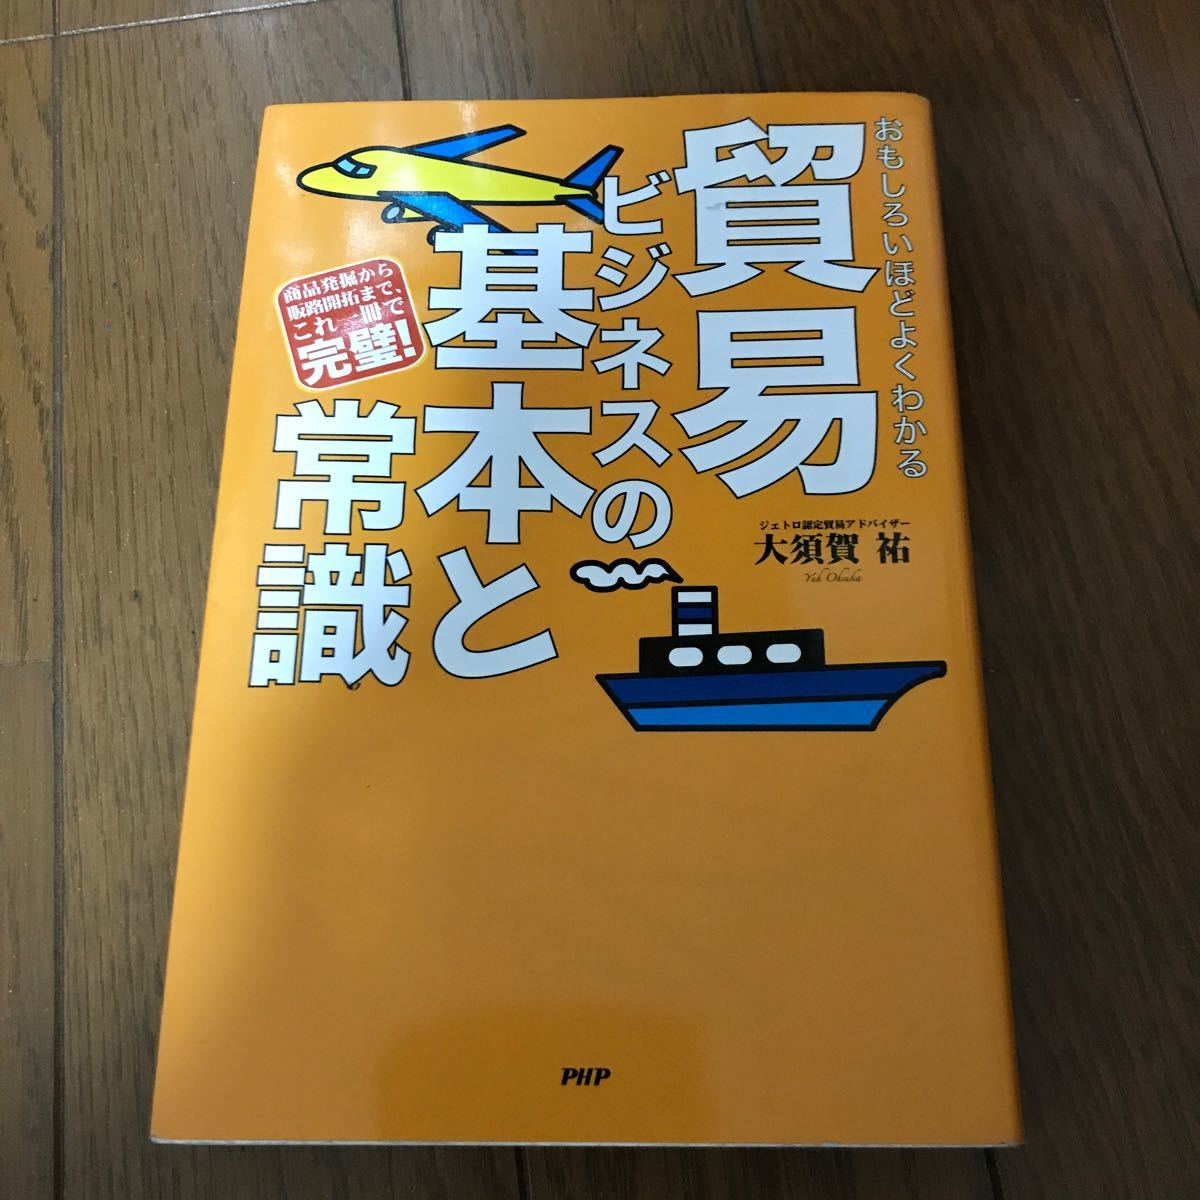 [本] 貿易ビジネスの基本と常識